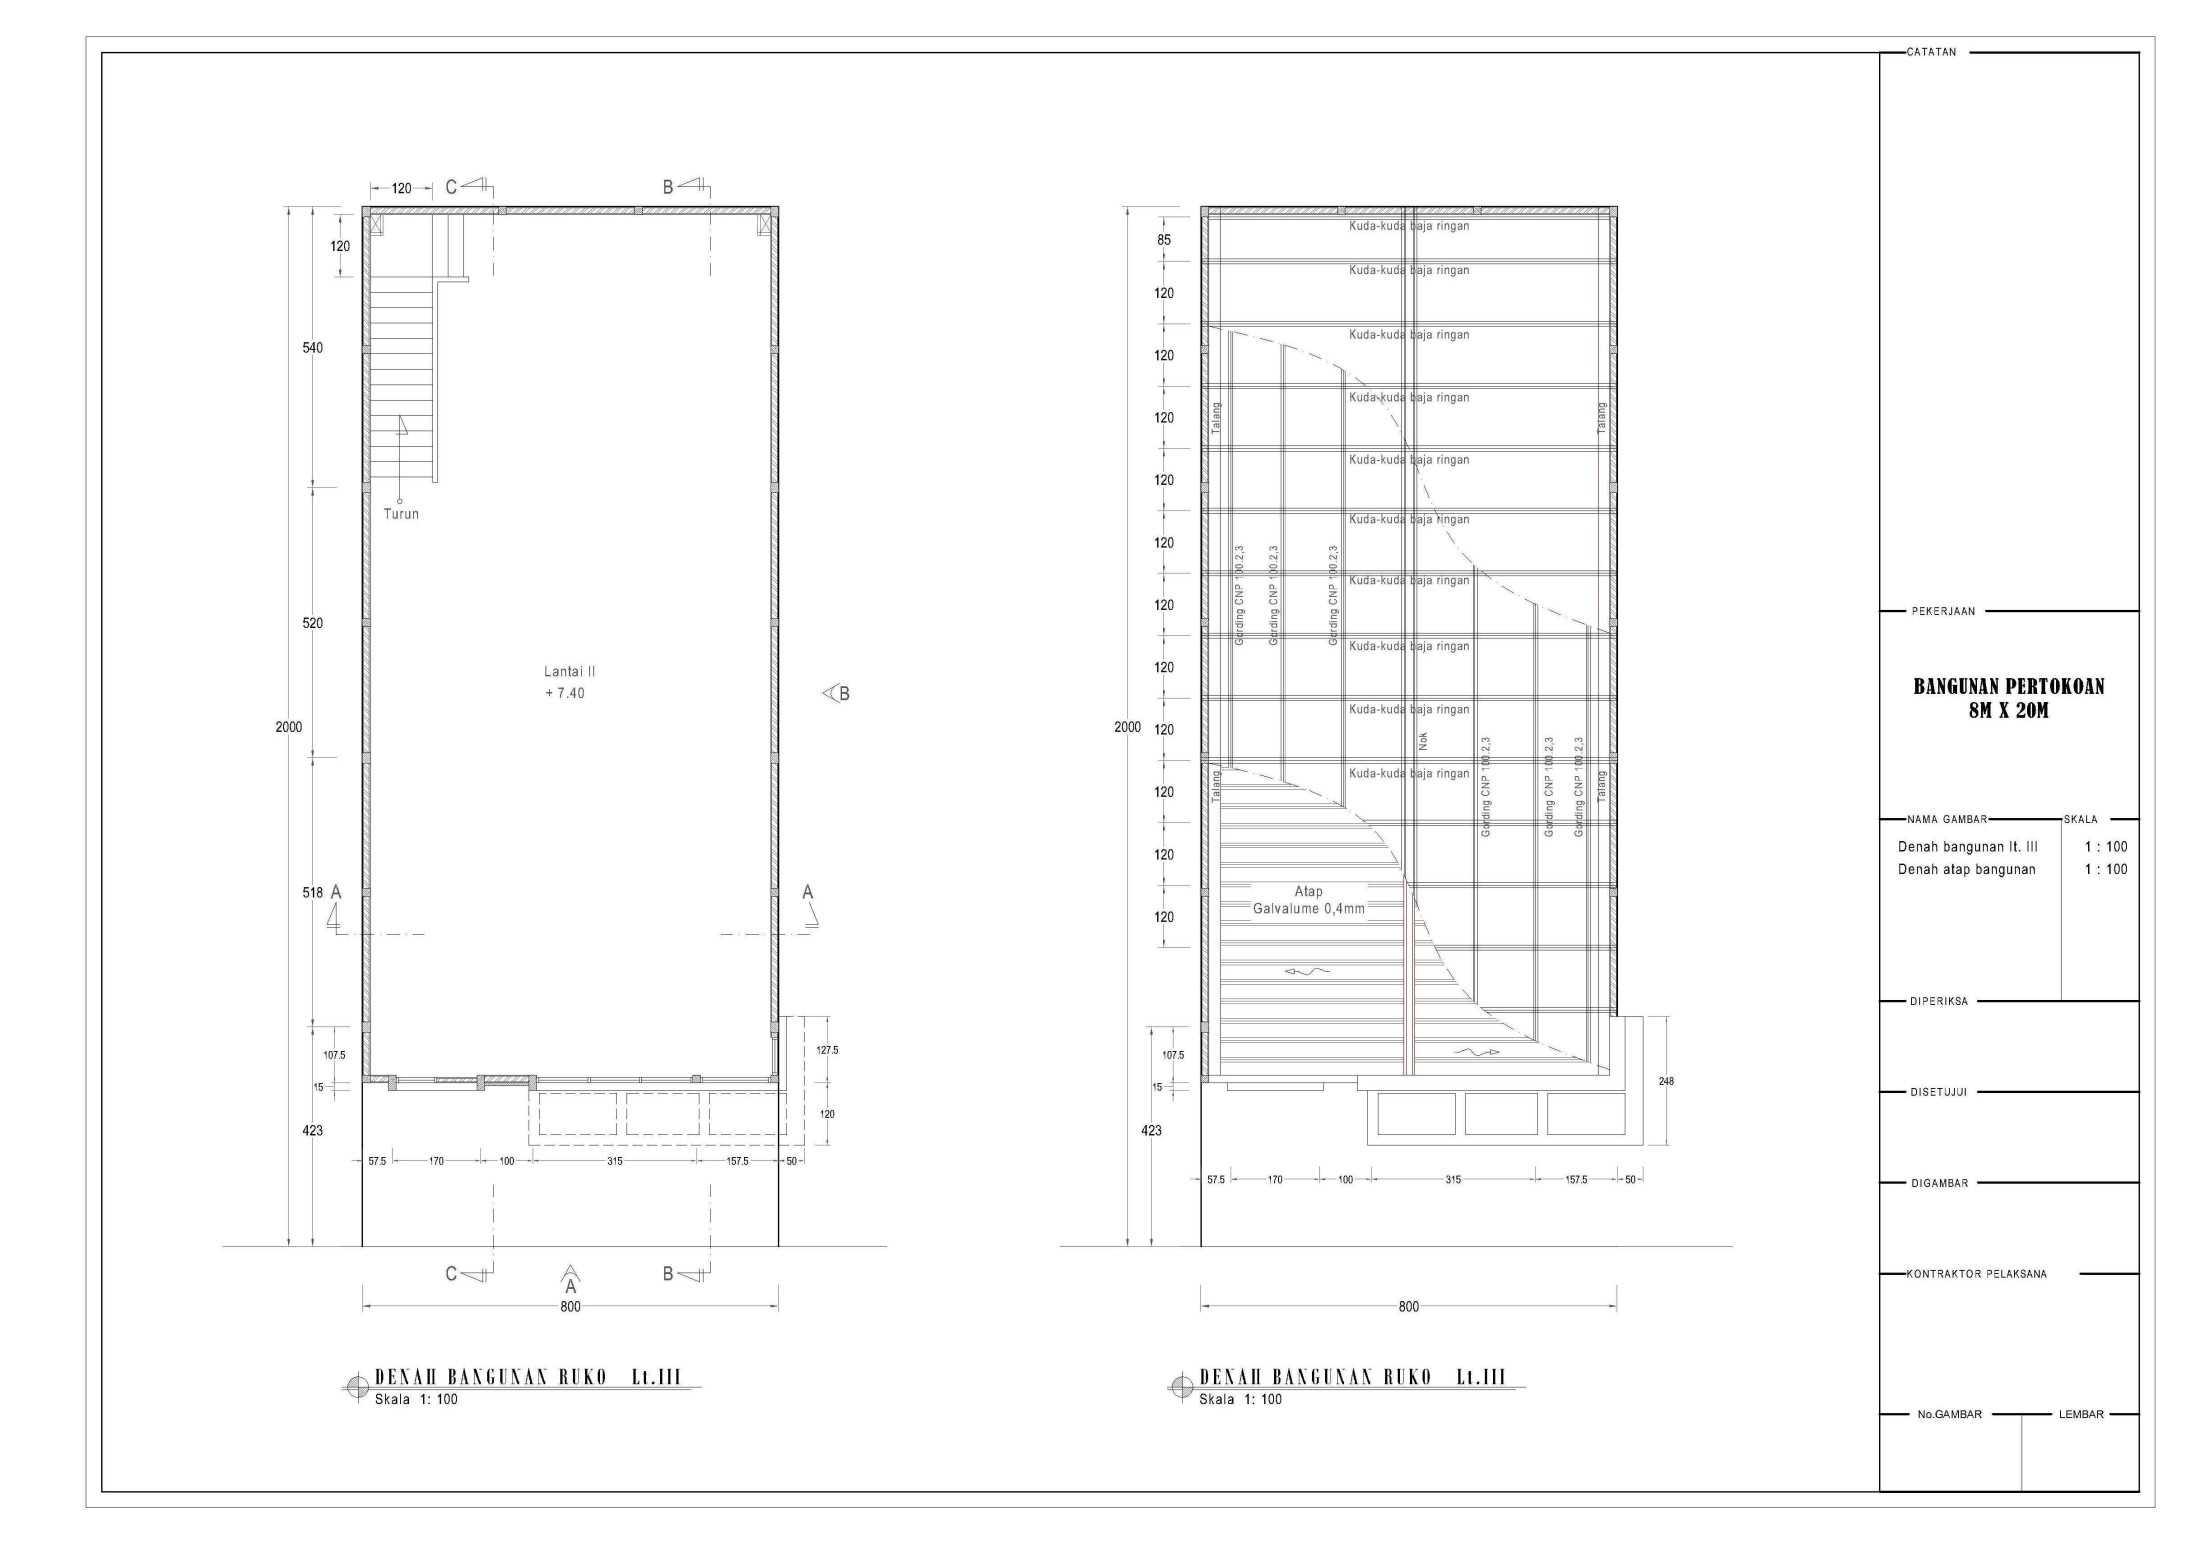 Arsein_Design Bangunan Ruko 3Lt Semarang, Kota Semarang, Jawa Tengah, Indonesia Semarang, Kota Semarang, Jawa Tengah, Indonesia Arseindesign-Bangunan-Rukoo-3Lt  82478